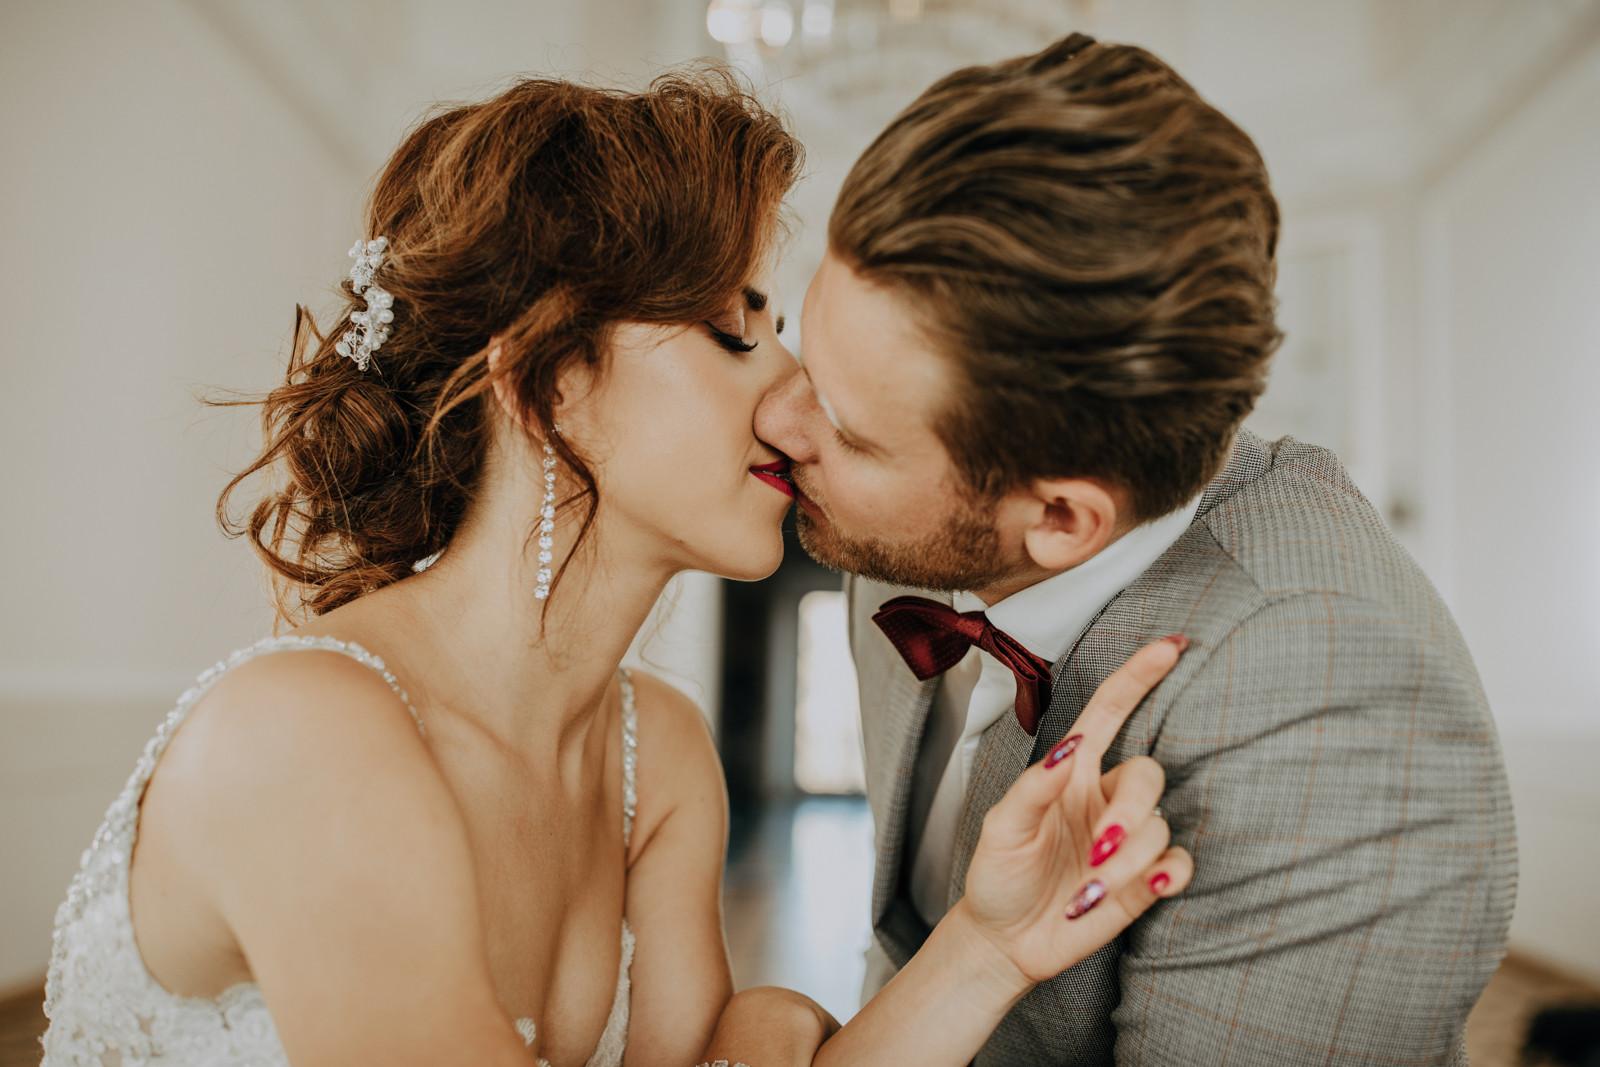 całująca się para młoda, sesja ślubna Pałac Otwock Wielki, Muzeum Wnętrz w Otwocku Wielkim, fotograf ślubny Warszawa